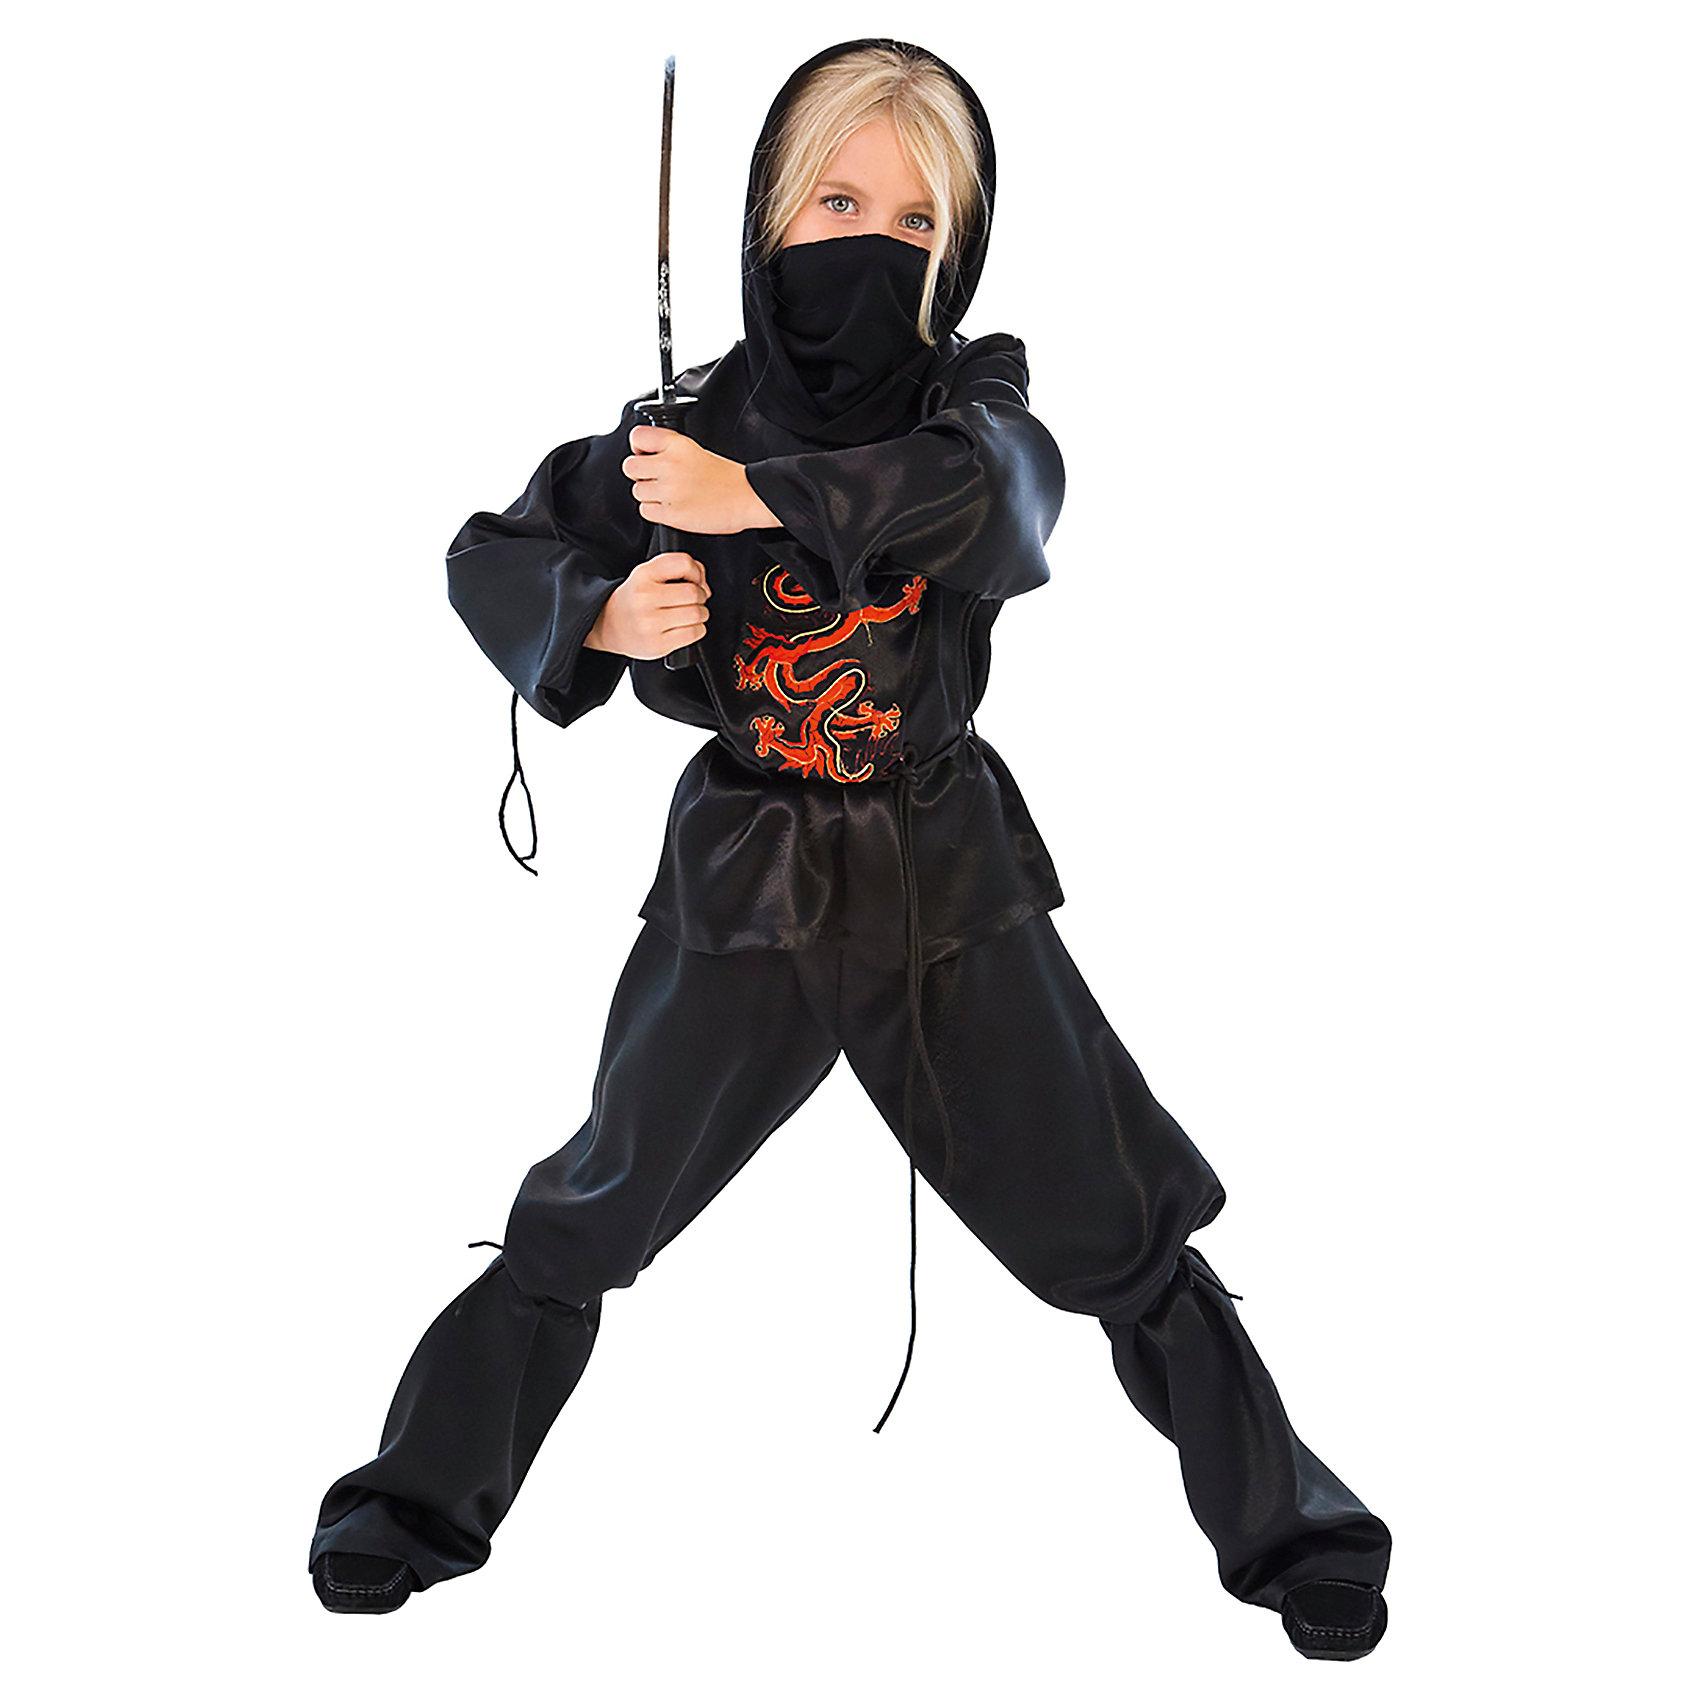 Карнавальный костюм для мальчика Ниндзя, ВестификаКарнавальный костюм Ниндзя создан нашими художниками для настоящих бойцов - знатоков и поклонников восточный культуры и боевых искусств. Костюм Ниндзя состоит из рубашки с капюшоном, широких прямых брюк и банданы. Рубашка и брюки выполнены из крепсатина, бандана - из хлопчатобумажного трикотажа. От колена до лодыжки брюки фиксируются шнурком, пришитым в области колена, по талии пропущена резинка. На рубашку нанесена аппликация, разработанная нашими дизайнерами. Рекомендуем дополнить карнавальный костюм Ниндзя темными ботинками или кроссовками. Костюм Ниндзя идеально подойдет для новогоднего праздника и веселой вечеринки, посвященной Дню Рождения.<br><br>Дополнительная информация:<br><br><br>Рубашка с капюшоном из крепсатина<br>Штаны<br>Пояс<br>Бандана-маска<br>Ткани:<br>Крепсатин (100% полиэстер)<br><br>Карнавальный костюм для мальчика Ниндзя, Вестифика можно купить в нашем магазине.<br><br>Ширина мм: 236<br>Глубина мм: 16<br>Высота мм: 184<br>Вес г: 340<br>Цвет: разноцветный<br>Возраст от месяцев: 72<br>Возраст до месяцев: 84<br>Пол: Мужской<br>Возраст: Детский<br>Размер: 116/122,128/134<br>SKU: 4389239